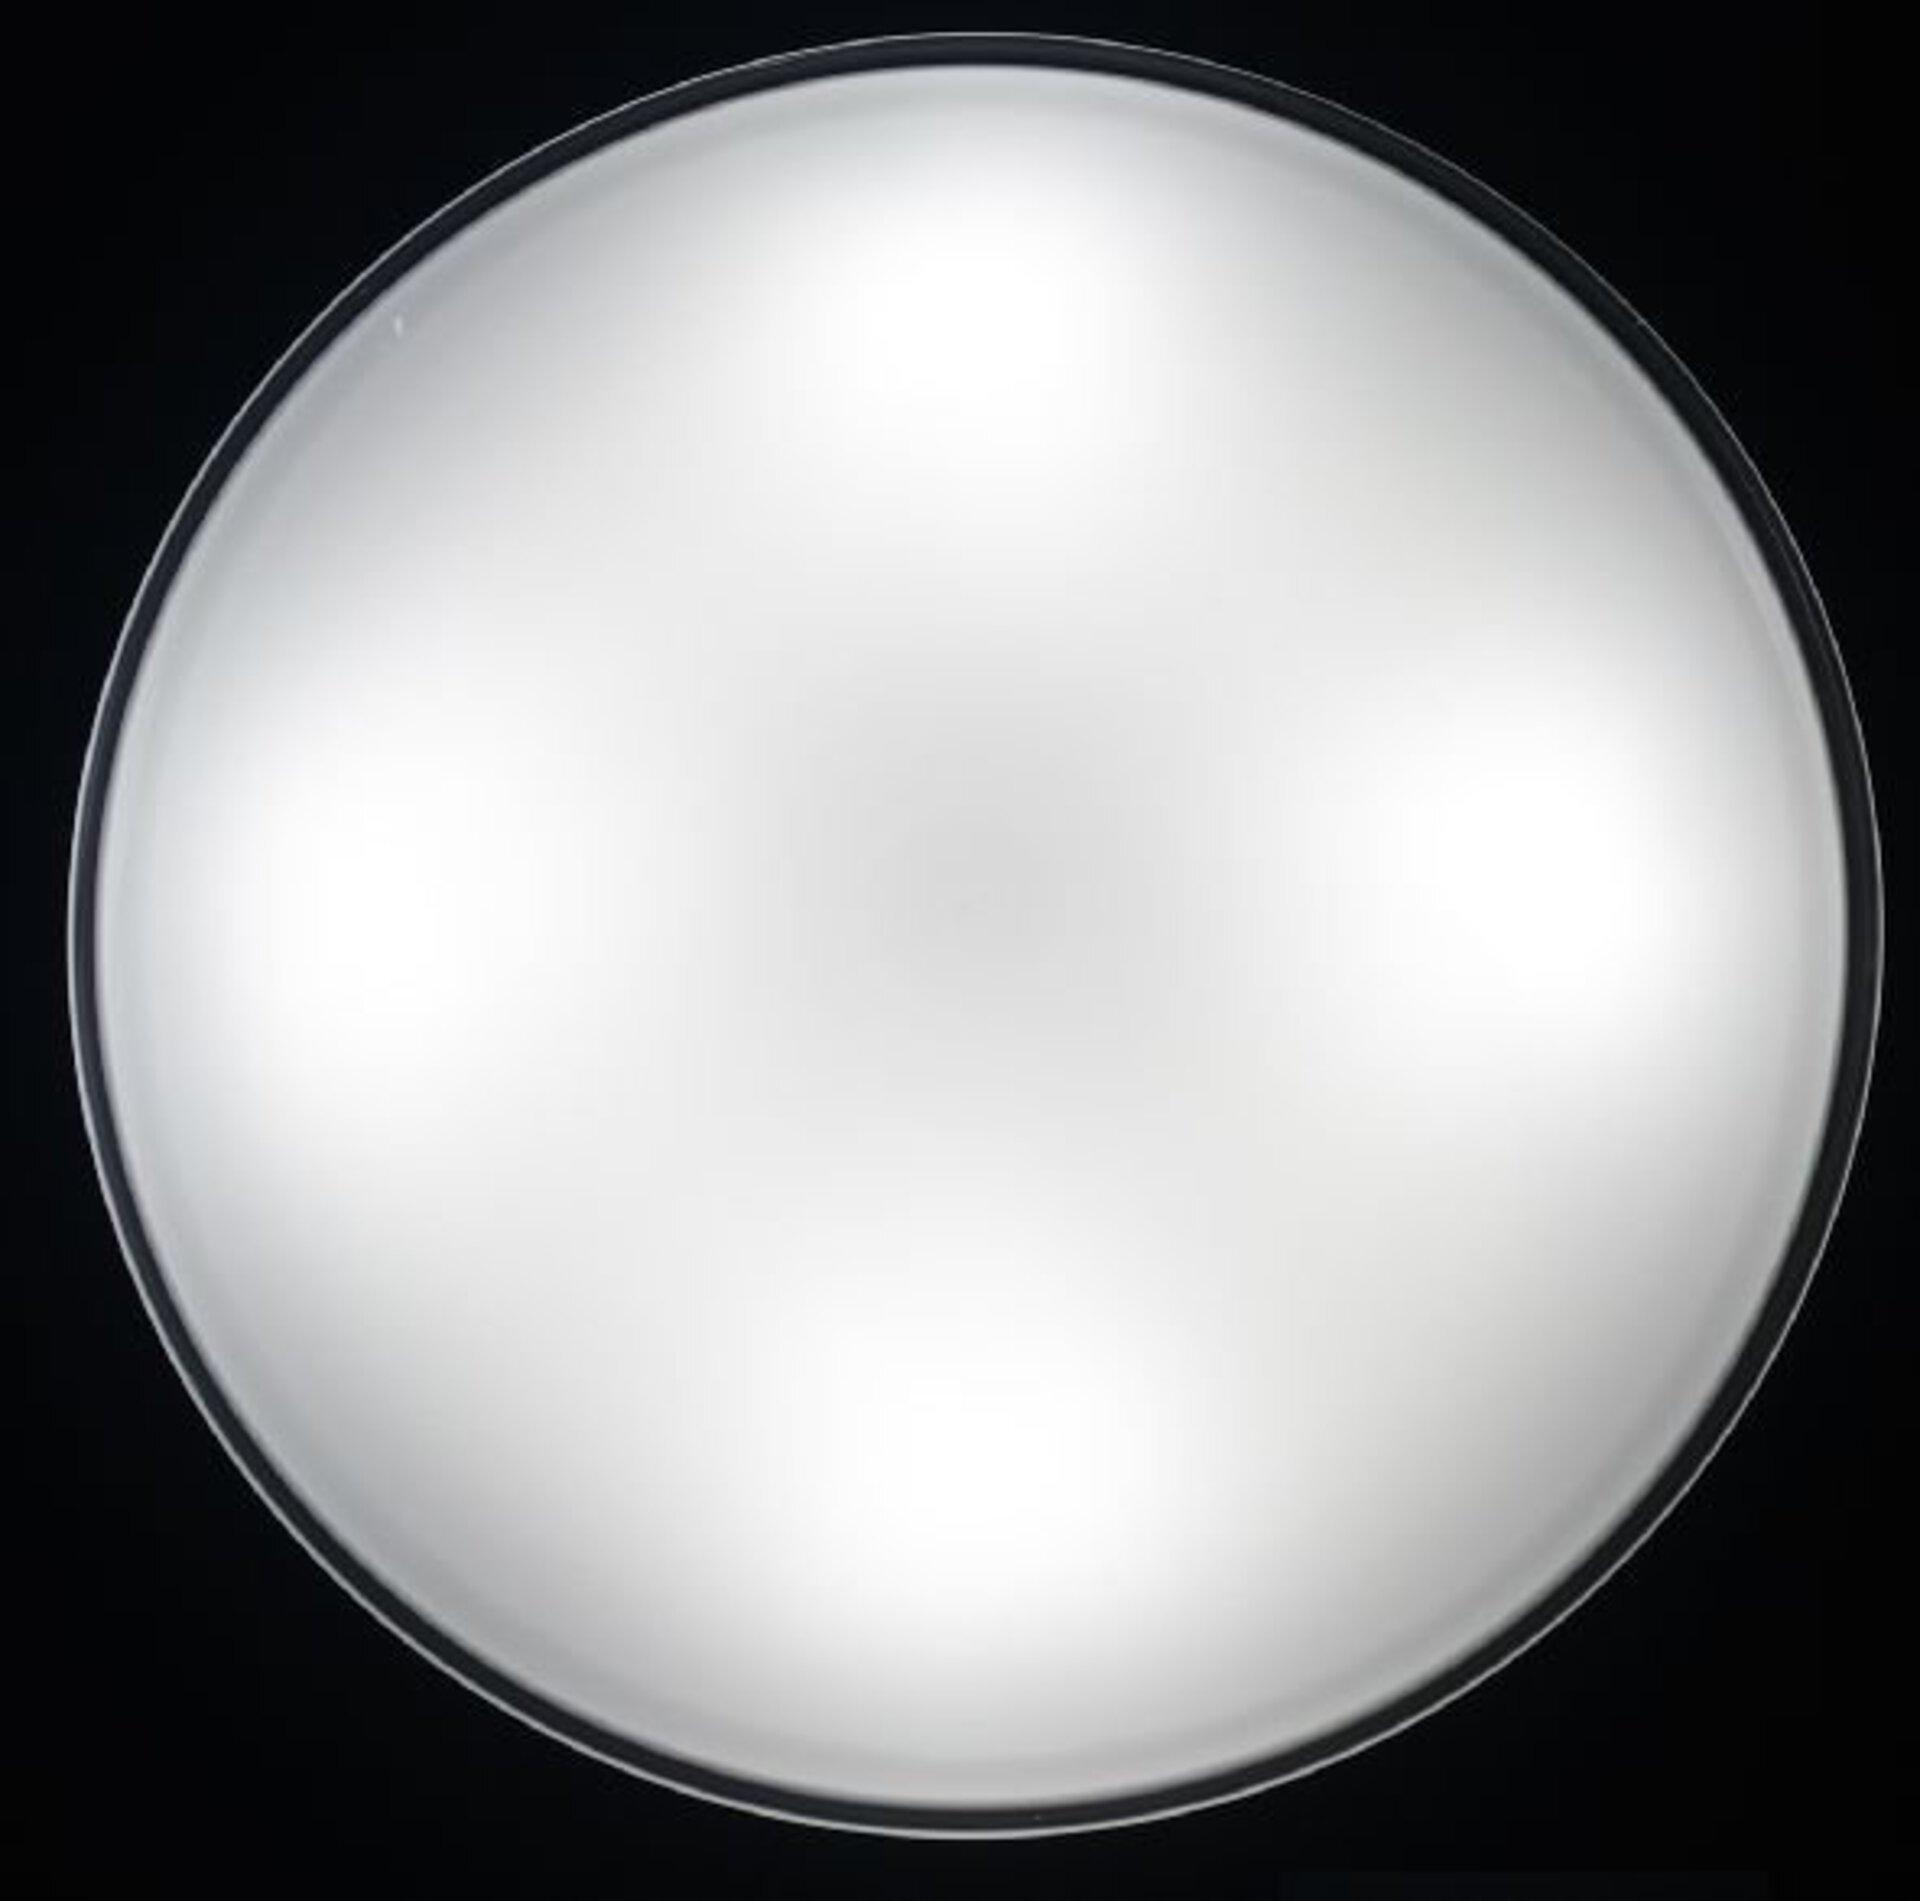 Bad-Deckenleuchte Nurglas Bankamp Glas weiß 40 x 9 x 40 cm